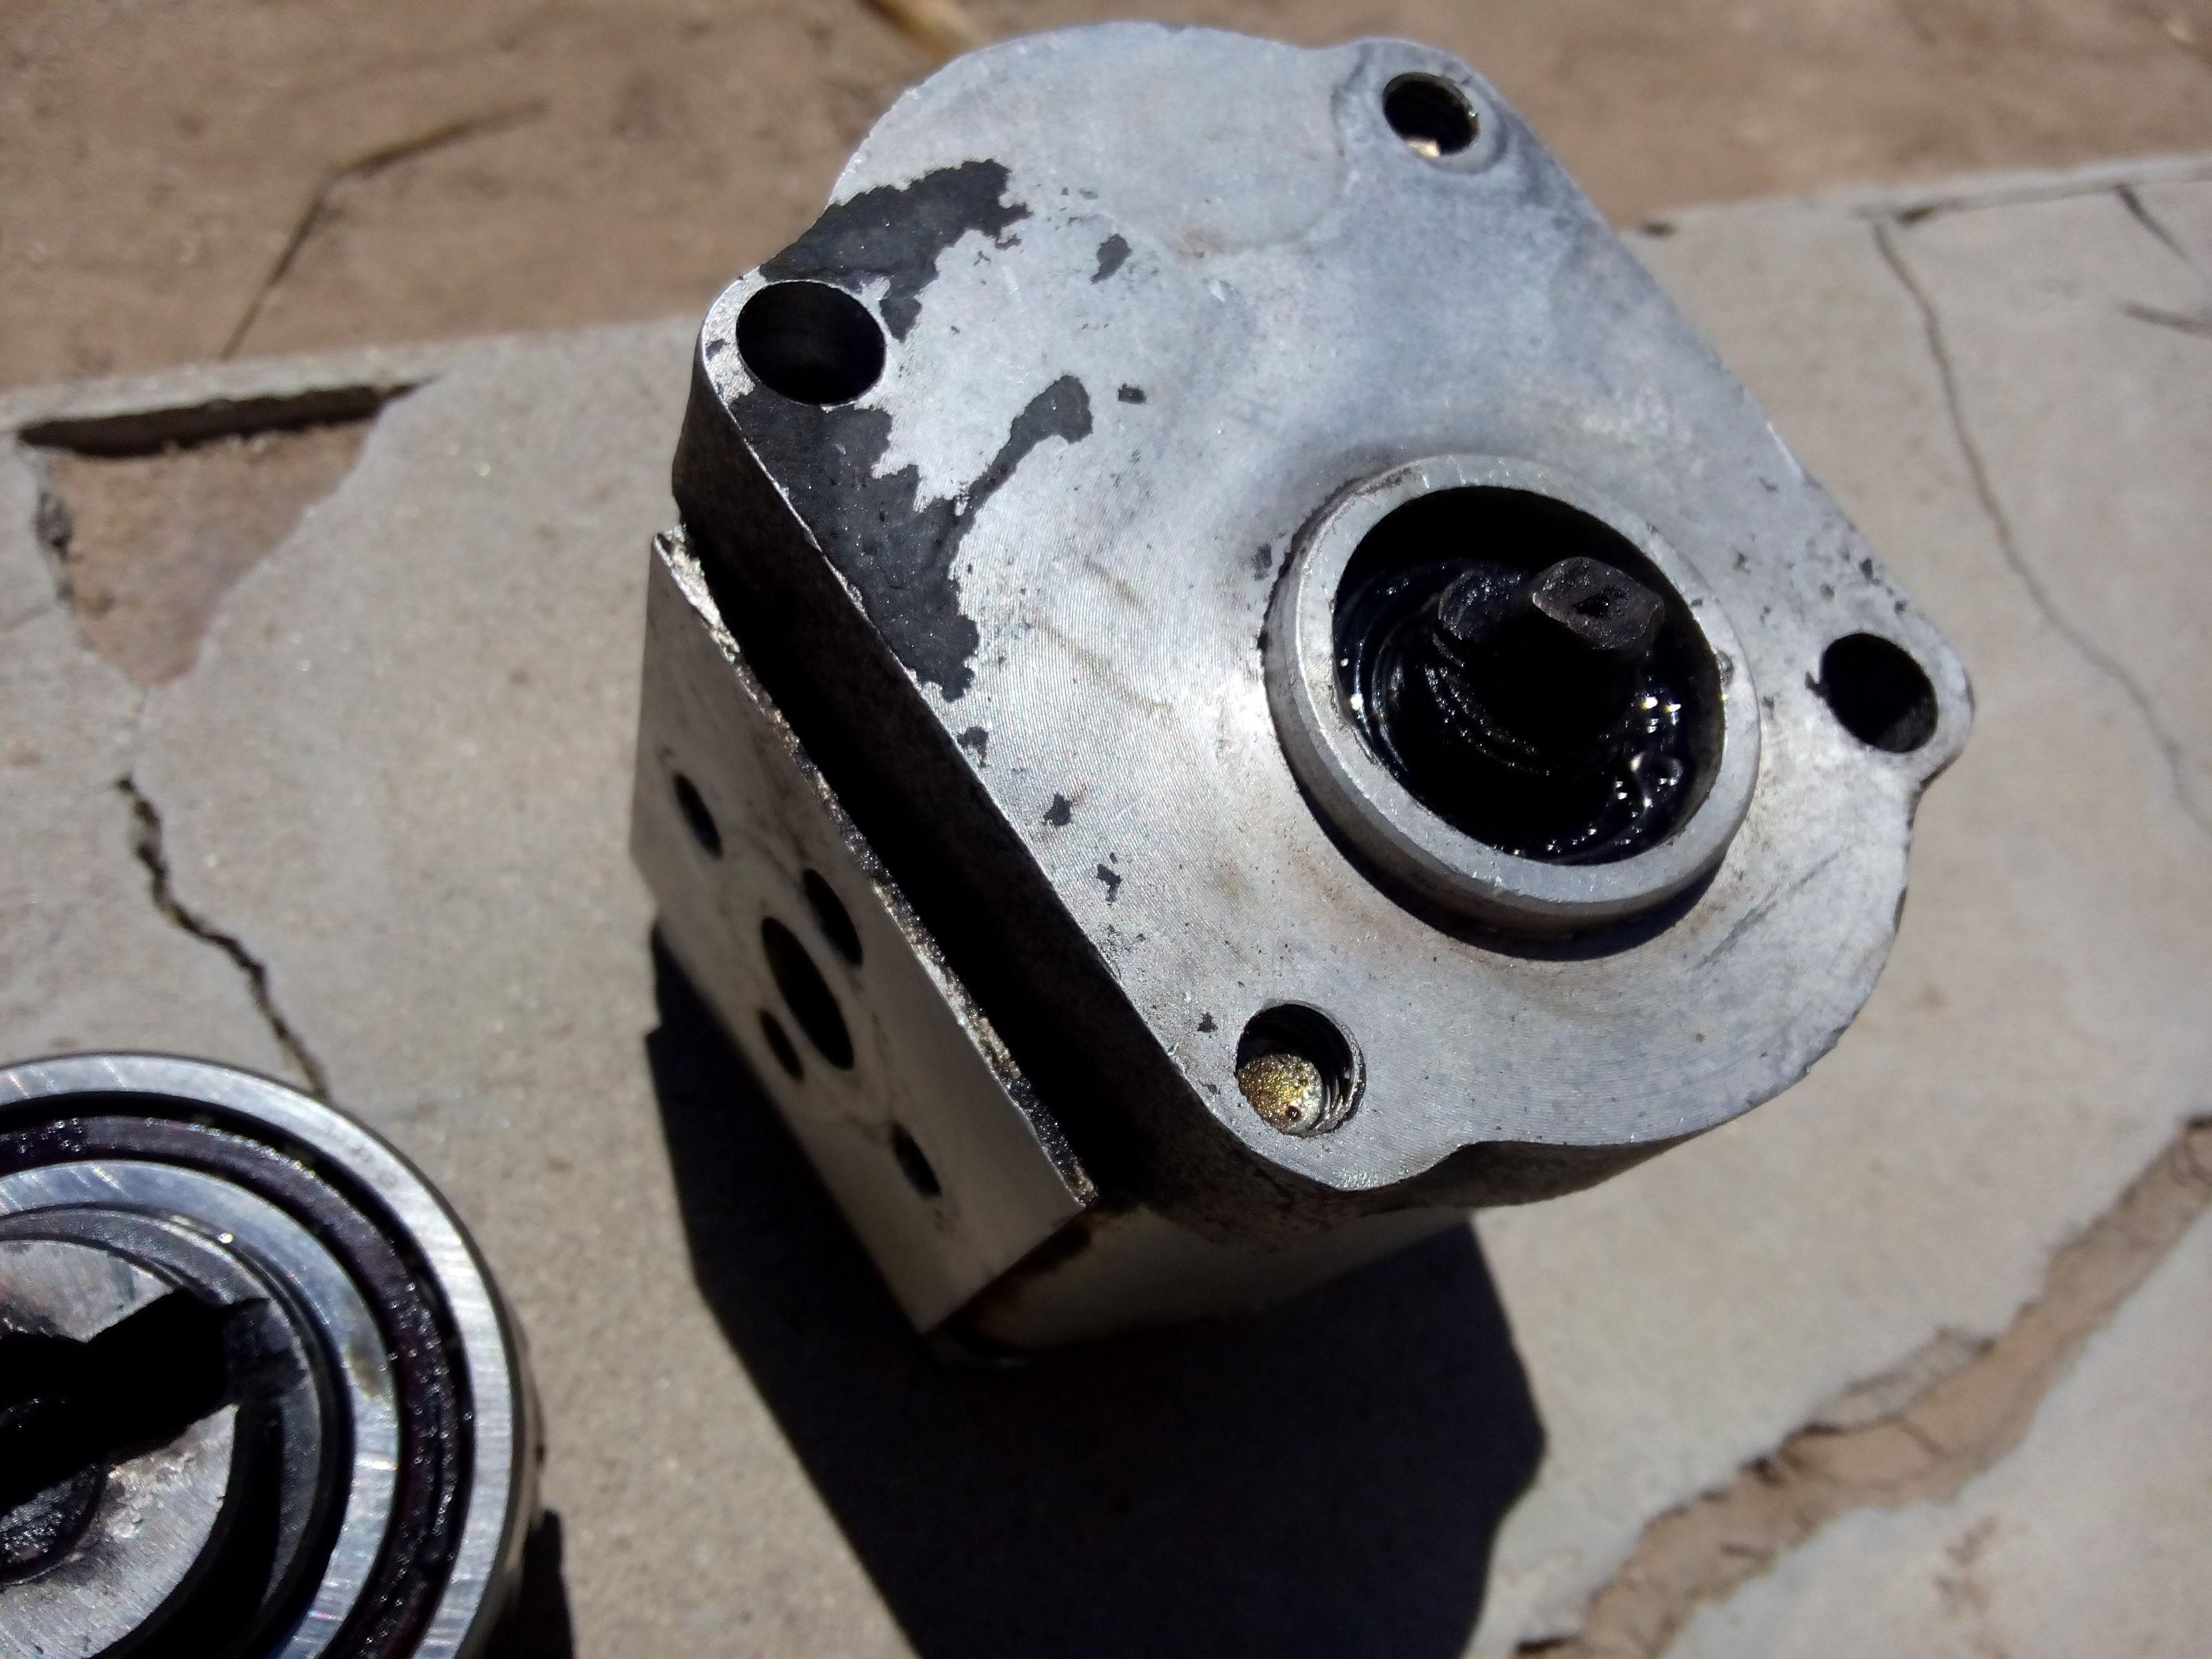 这是拖拉机零件,转向液压泵,泵上写着,齿轮泵,谁知道哪儿卖这个,谢谢图片